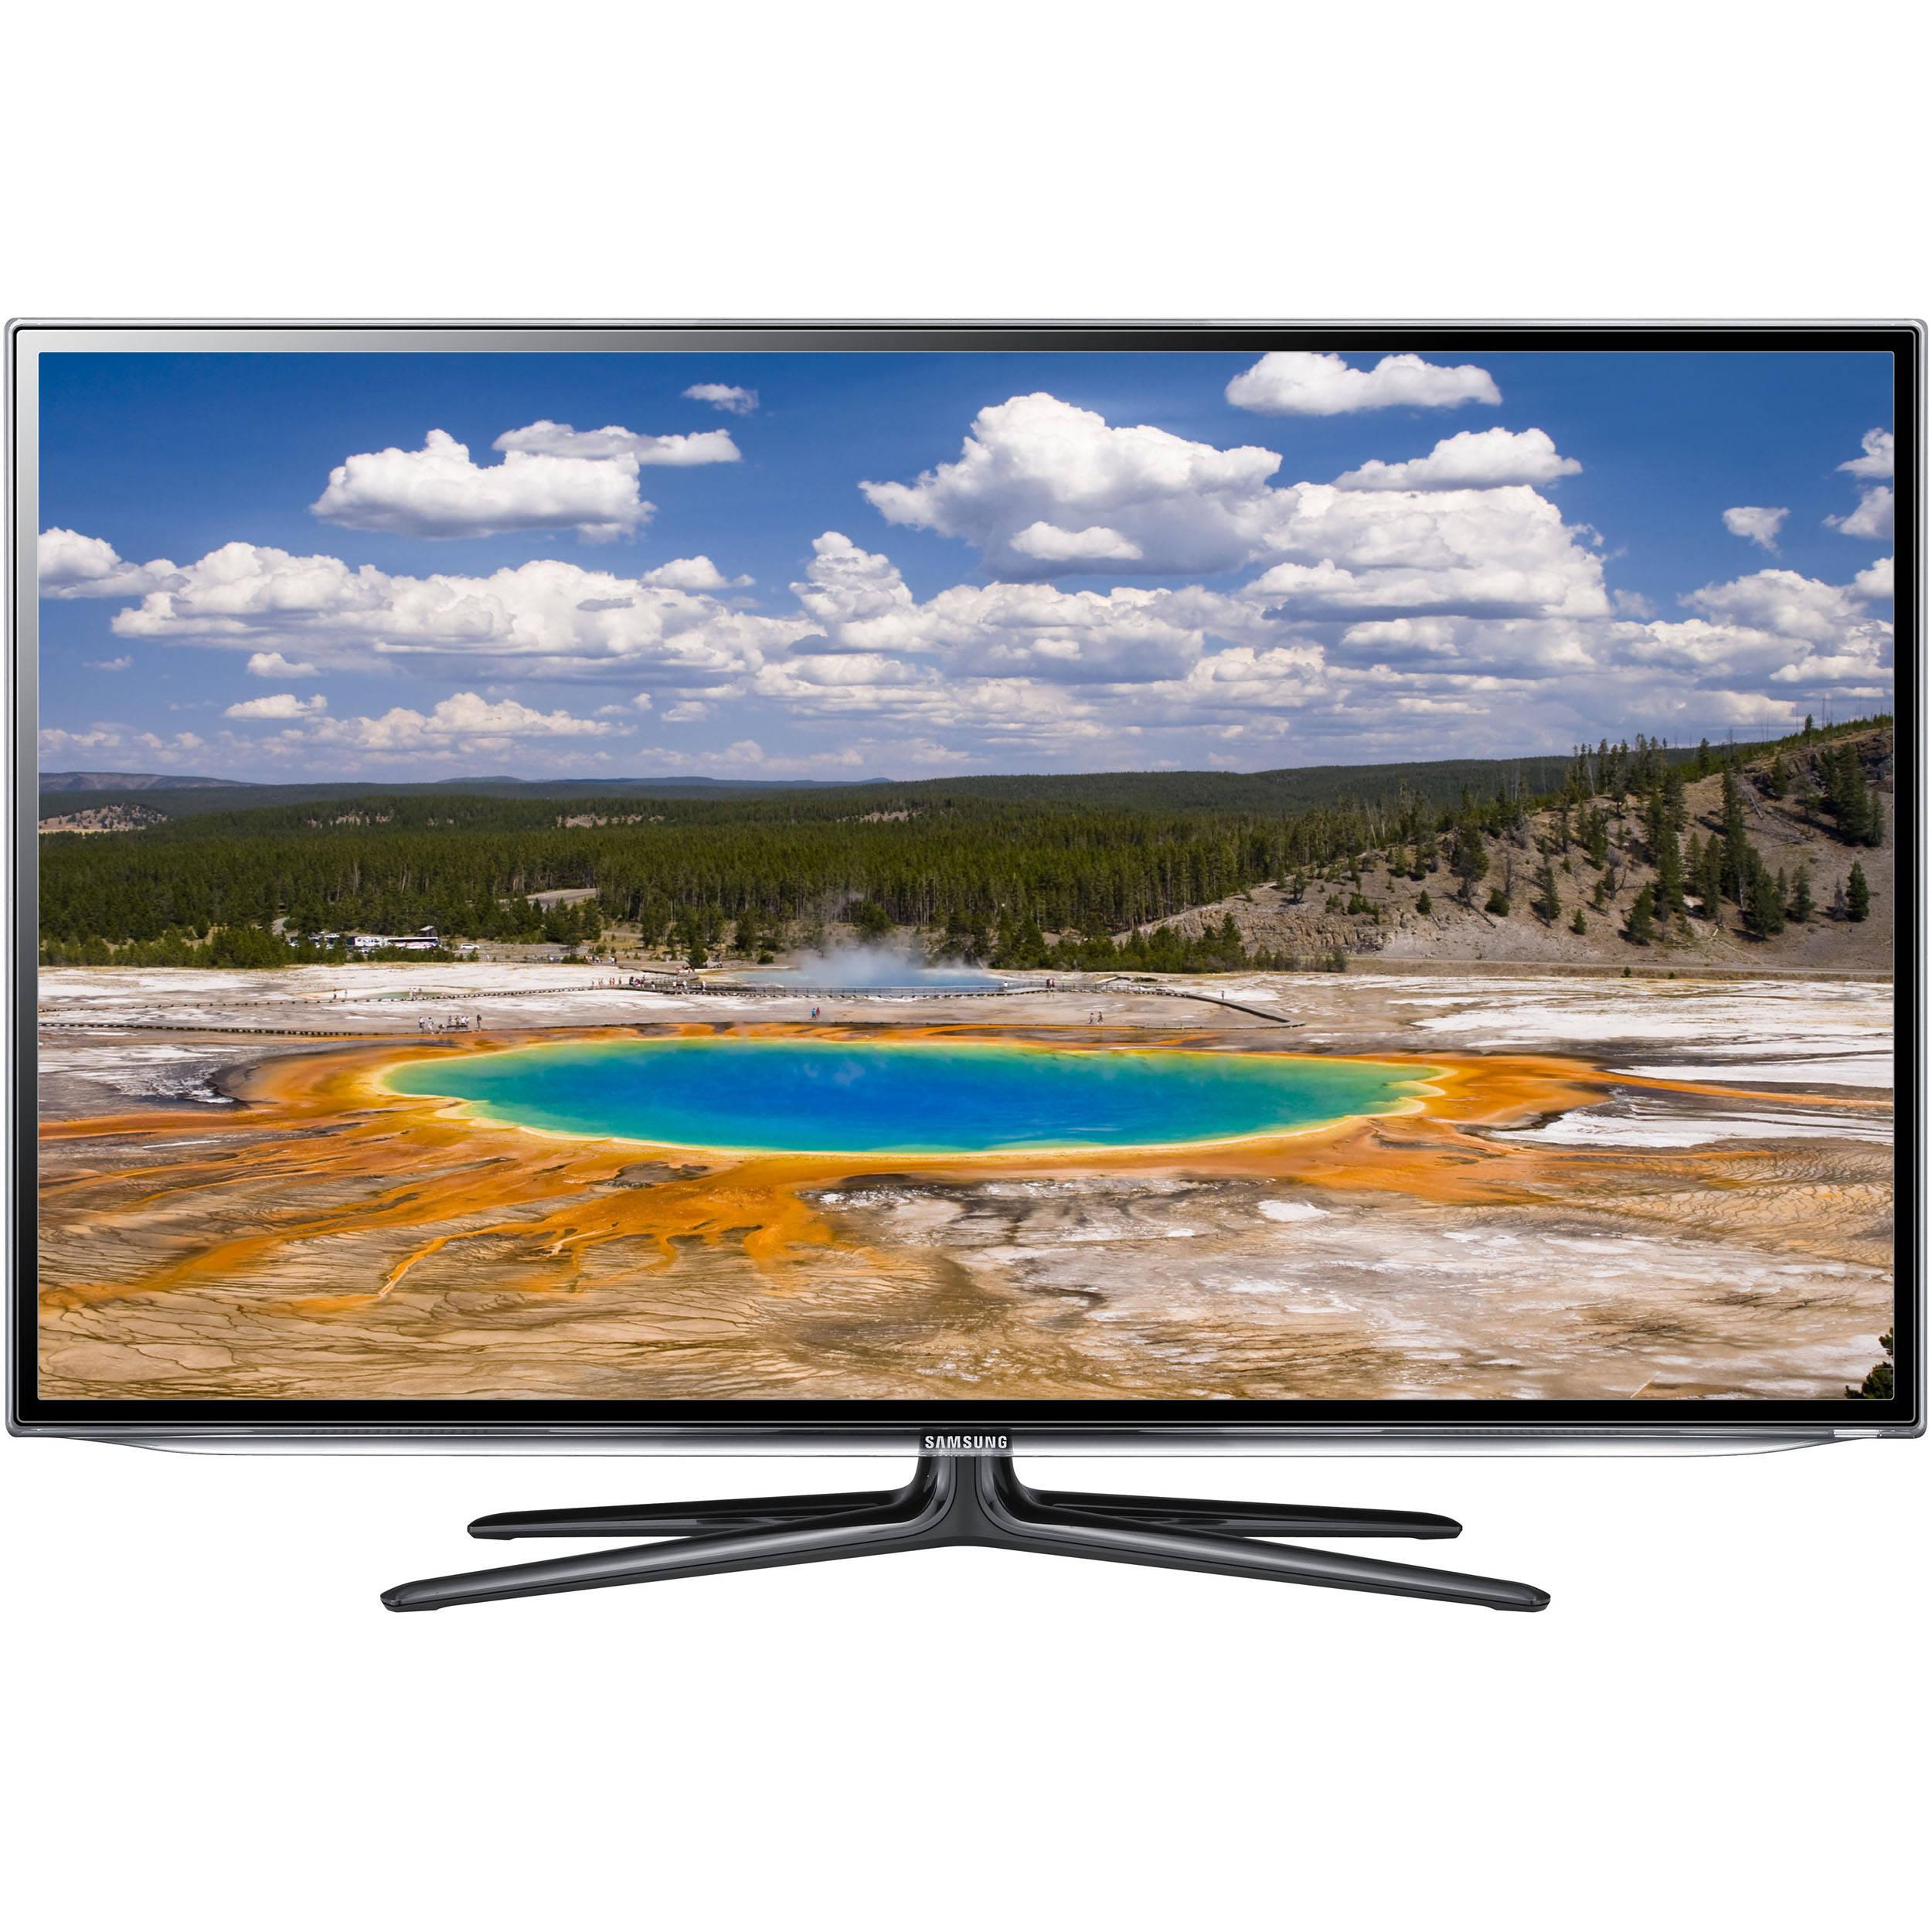 f96157307436 Samsung UN55ES6100FXZA 55